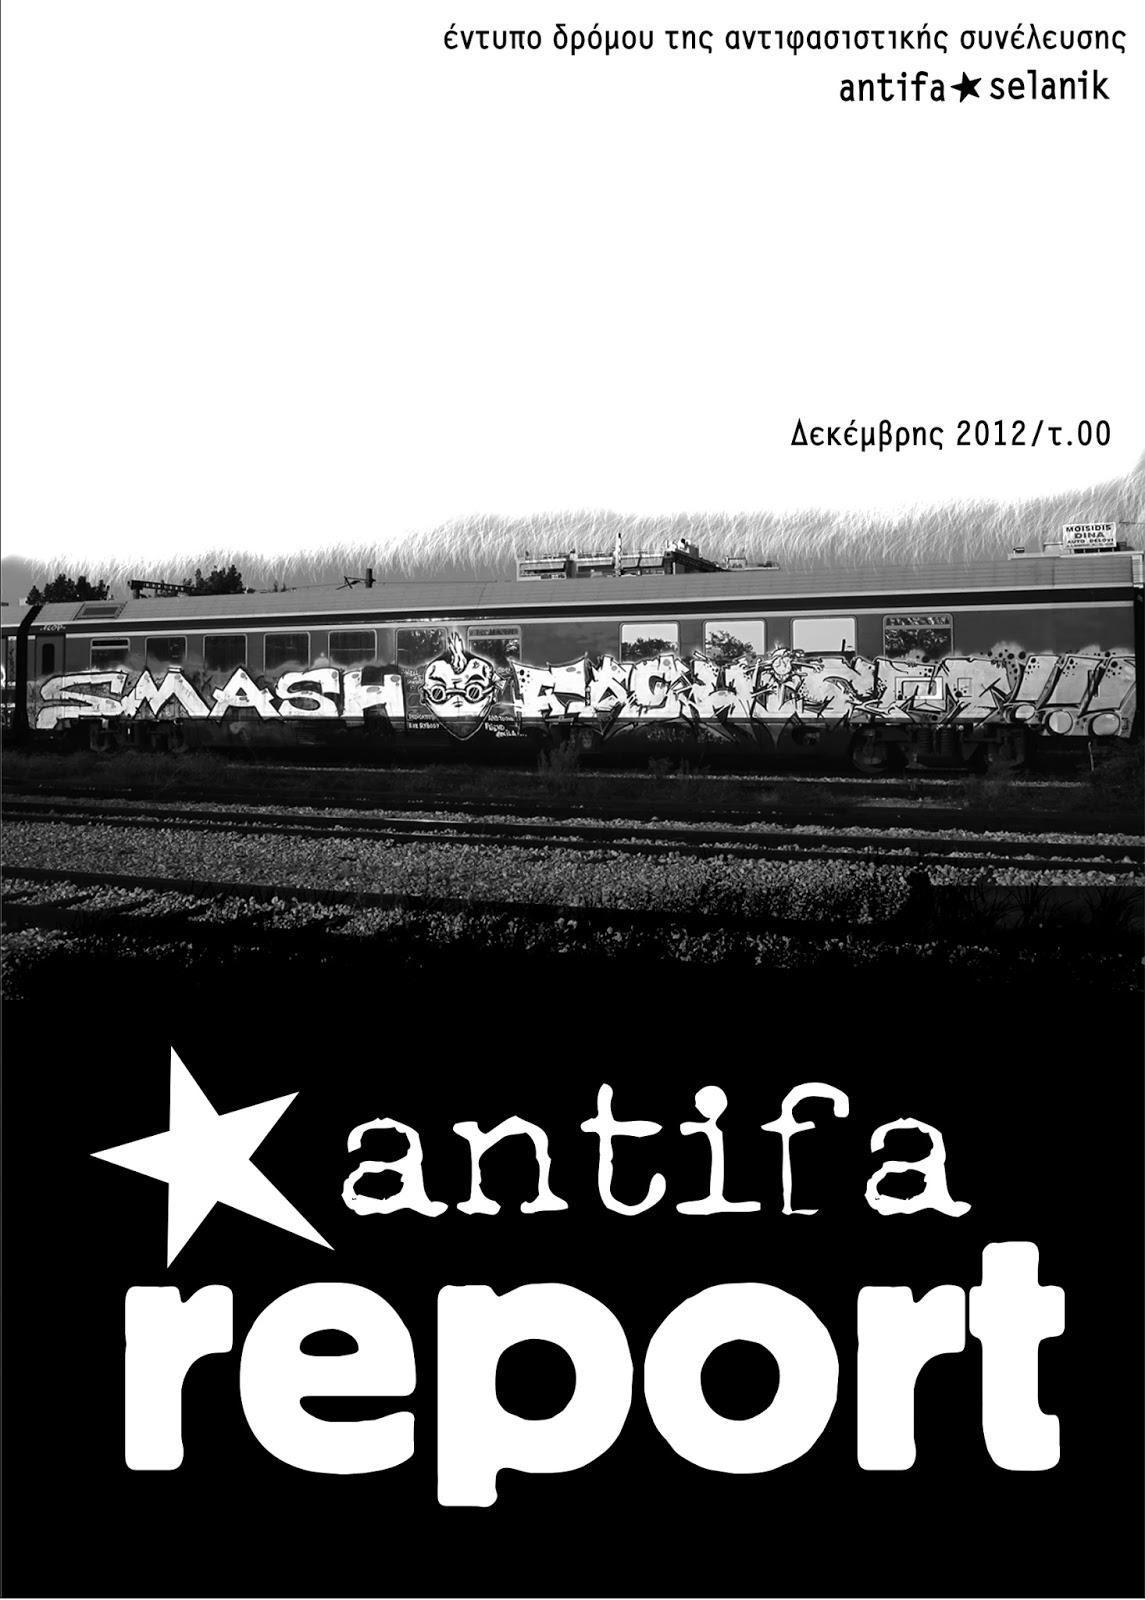 http://www.docdroid.net/uu41/report-0-12-12.pdf.html